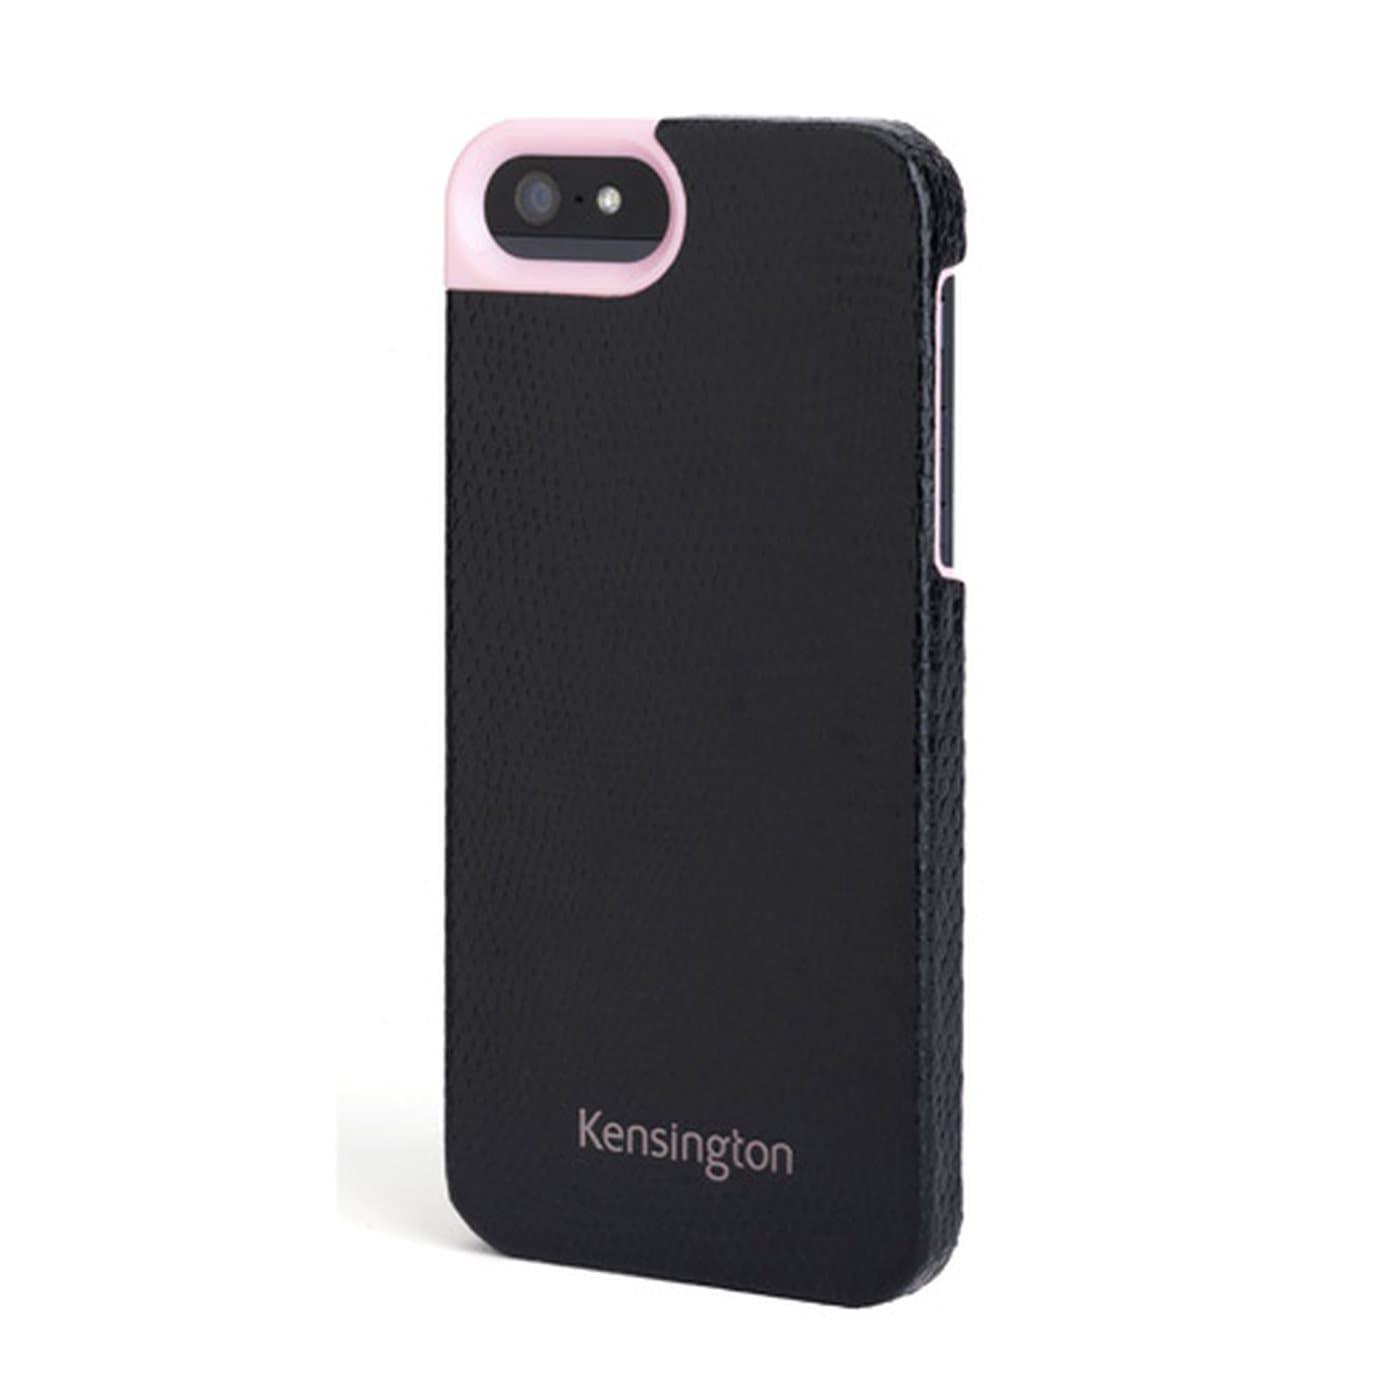 Kensington smartphone funda de piel para iphone 5 5s - Funda de piel para iphone 5 ...